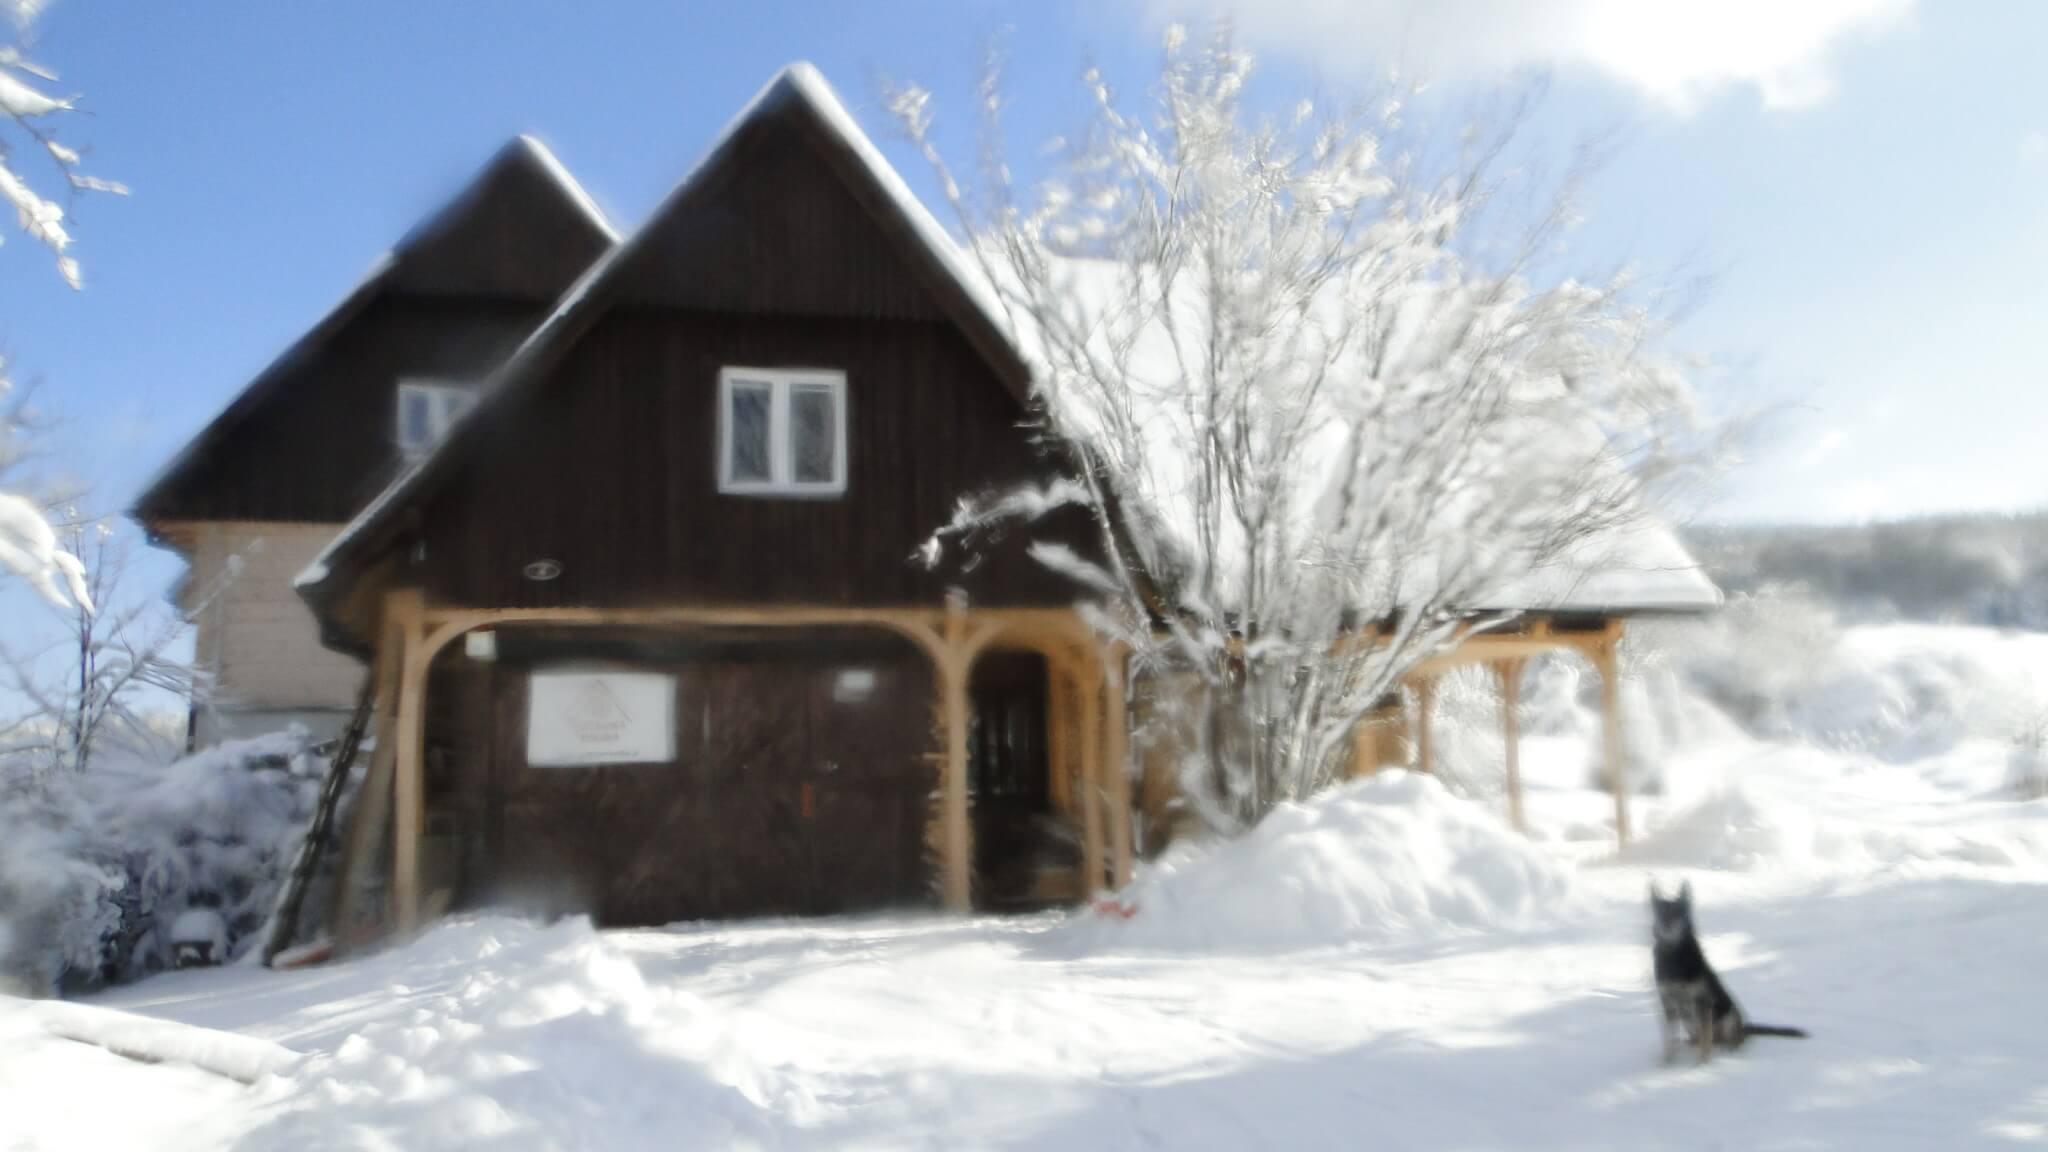 Lutowa zima - śnieżna imroźna 14